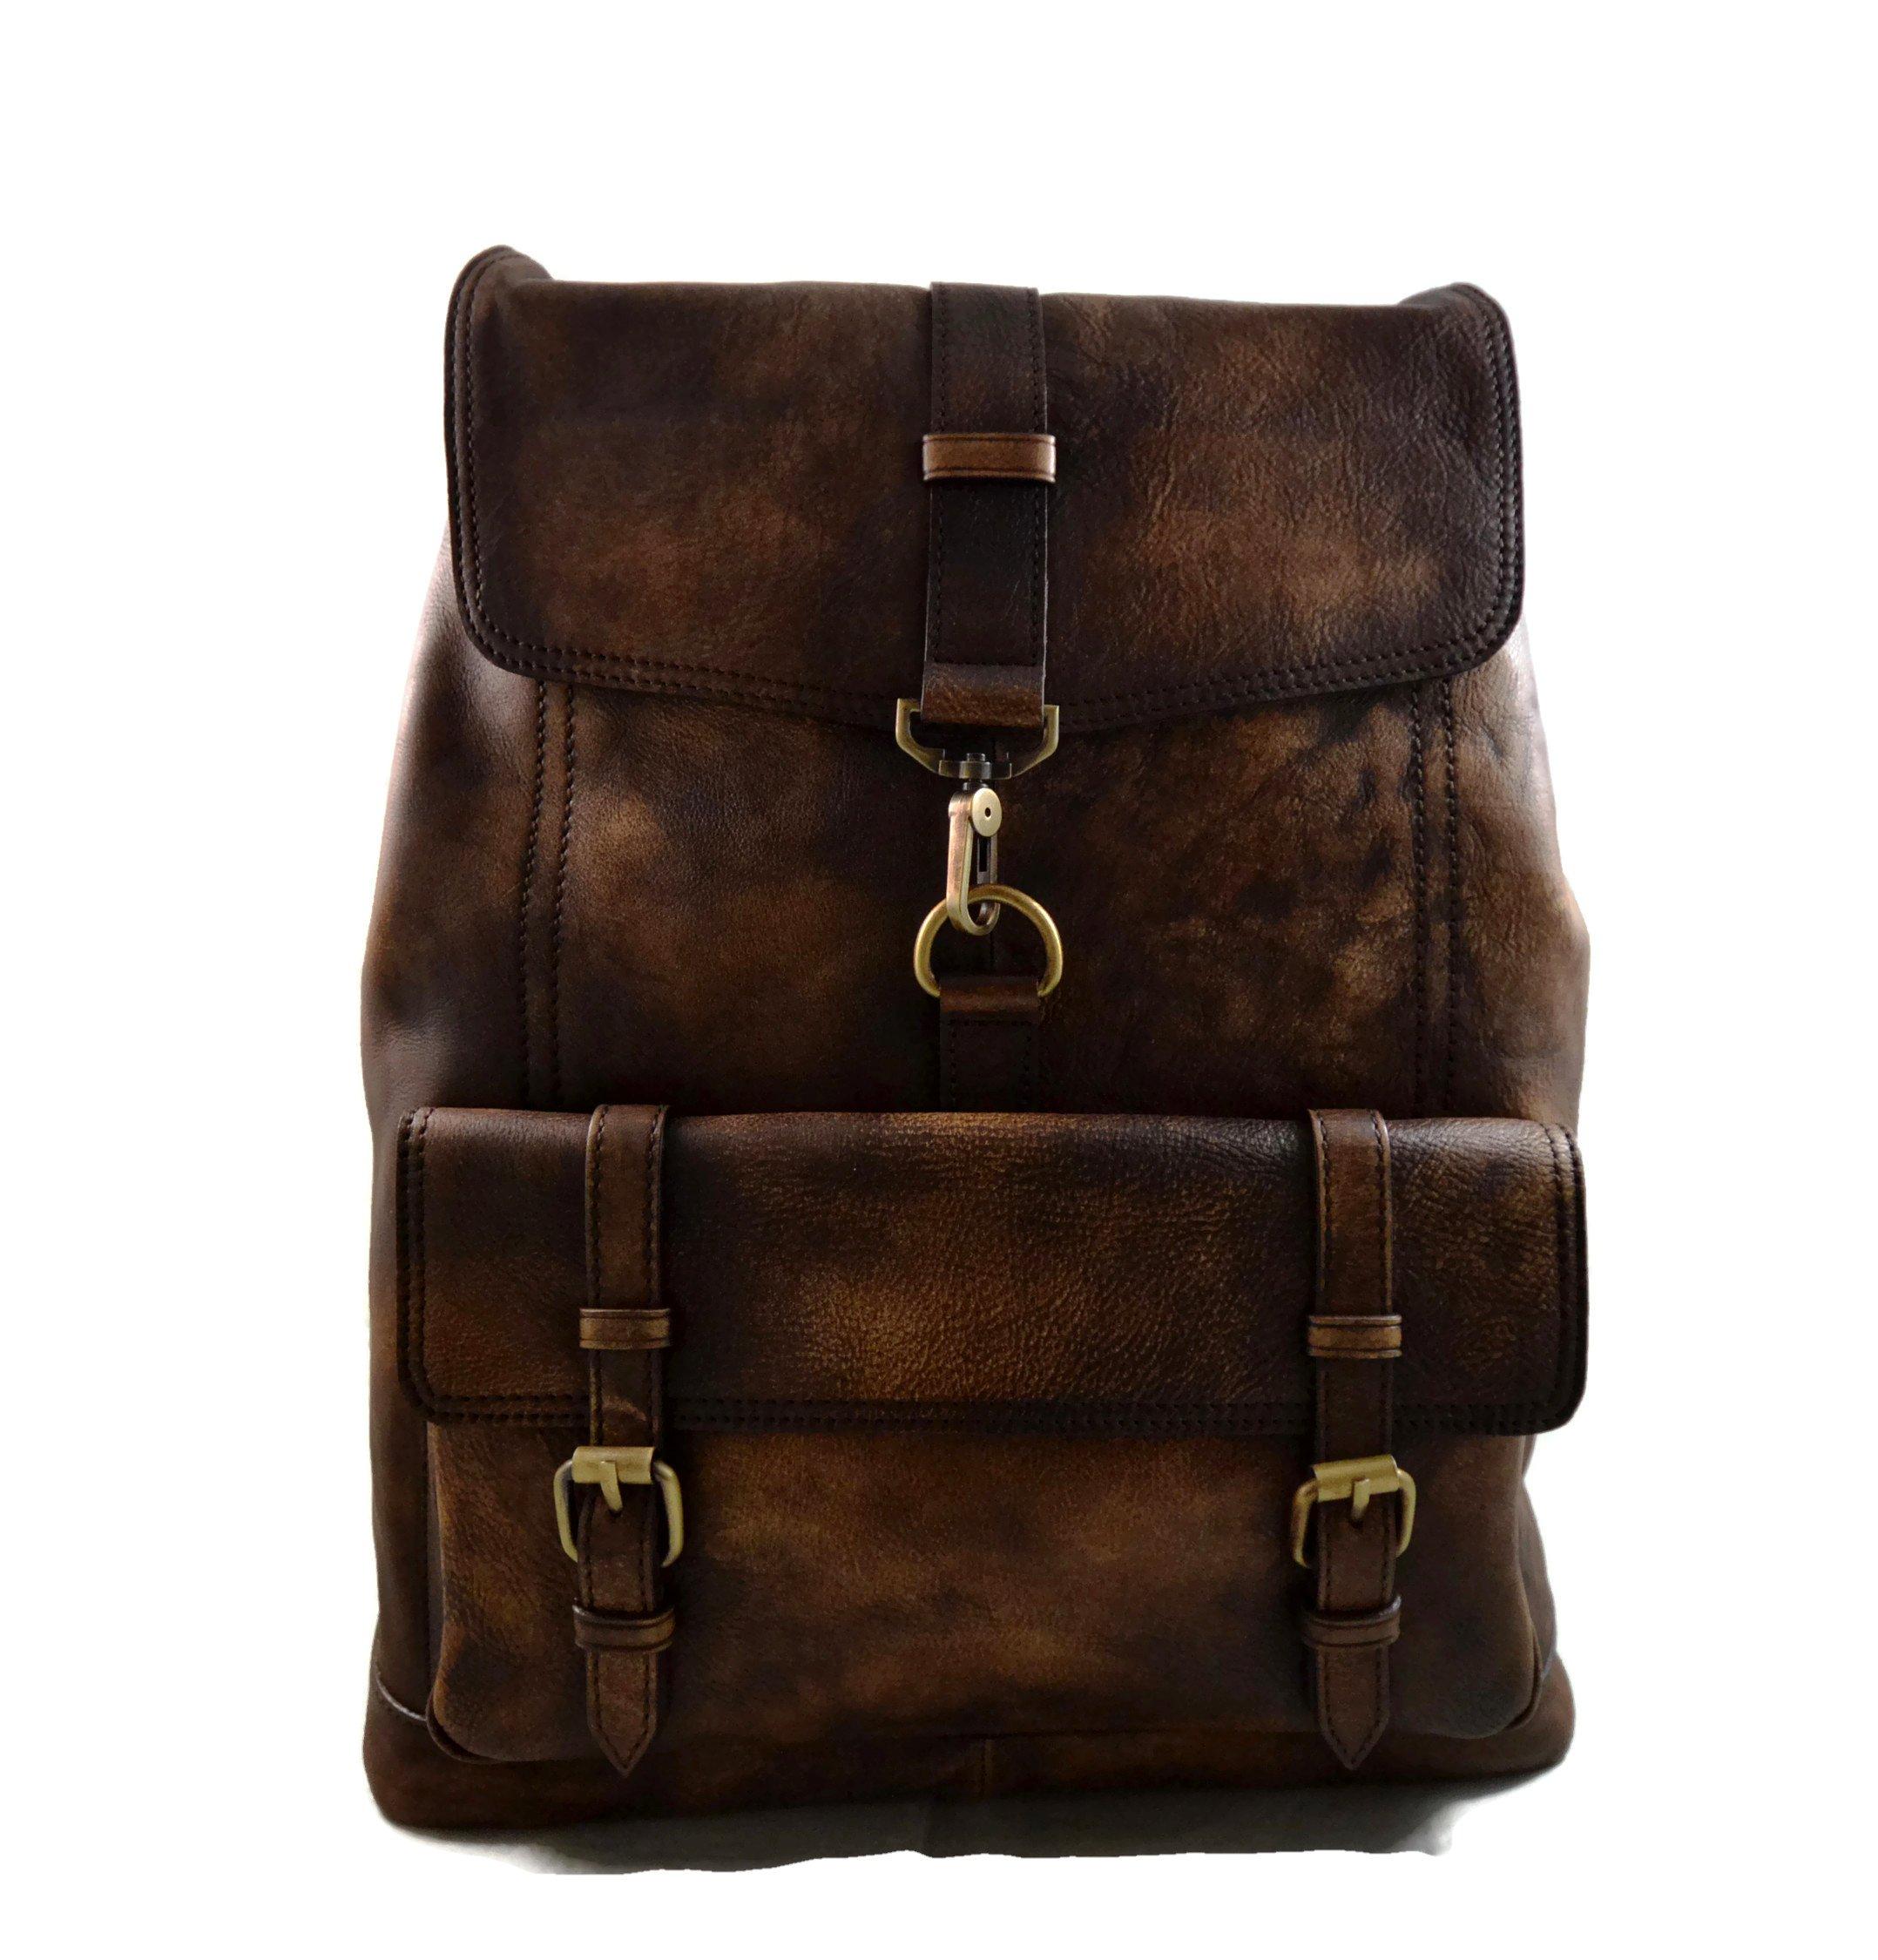 Vintage leather backpack genuine washed leather travel bag weekender sports bag gym bag leather shoulder ladies mens dark brown backpack